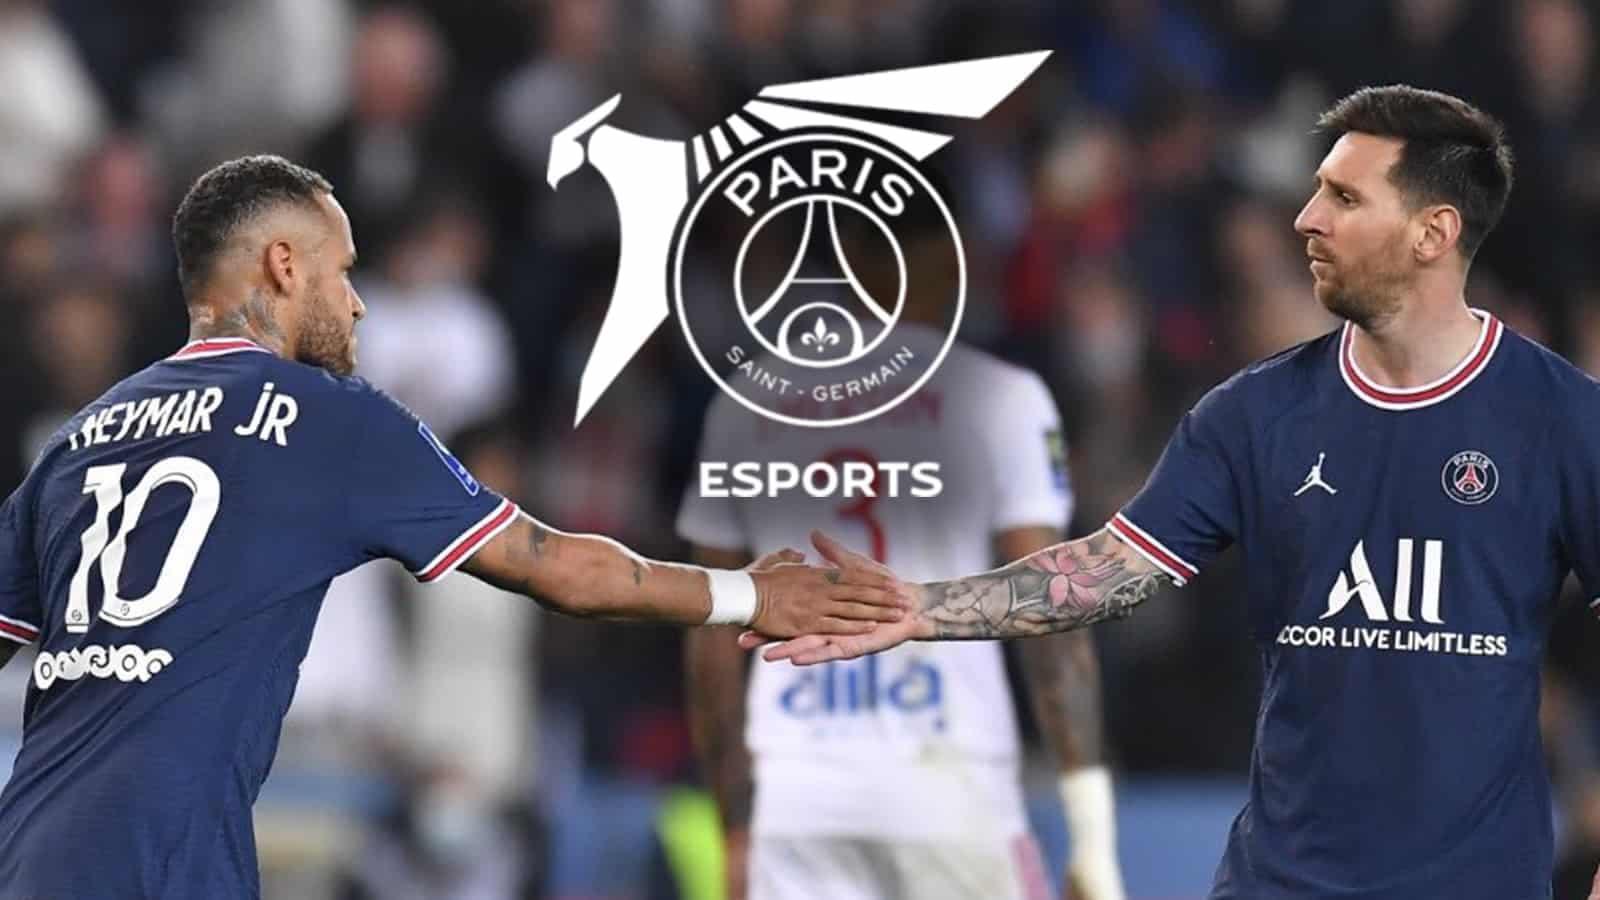 《英雄聯盟》世界大賽小組賽 11 日登場 梅西、內馬爾為 PSG 電競戰隊加油影片